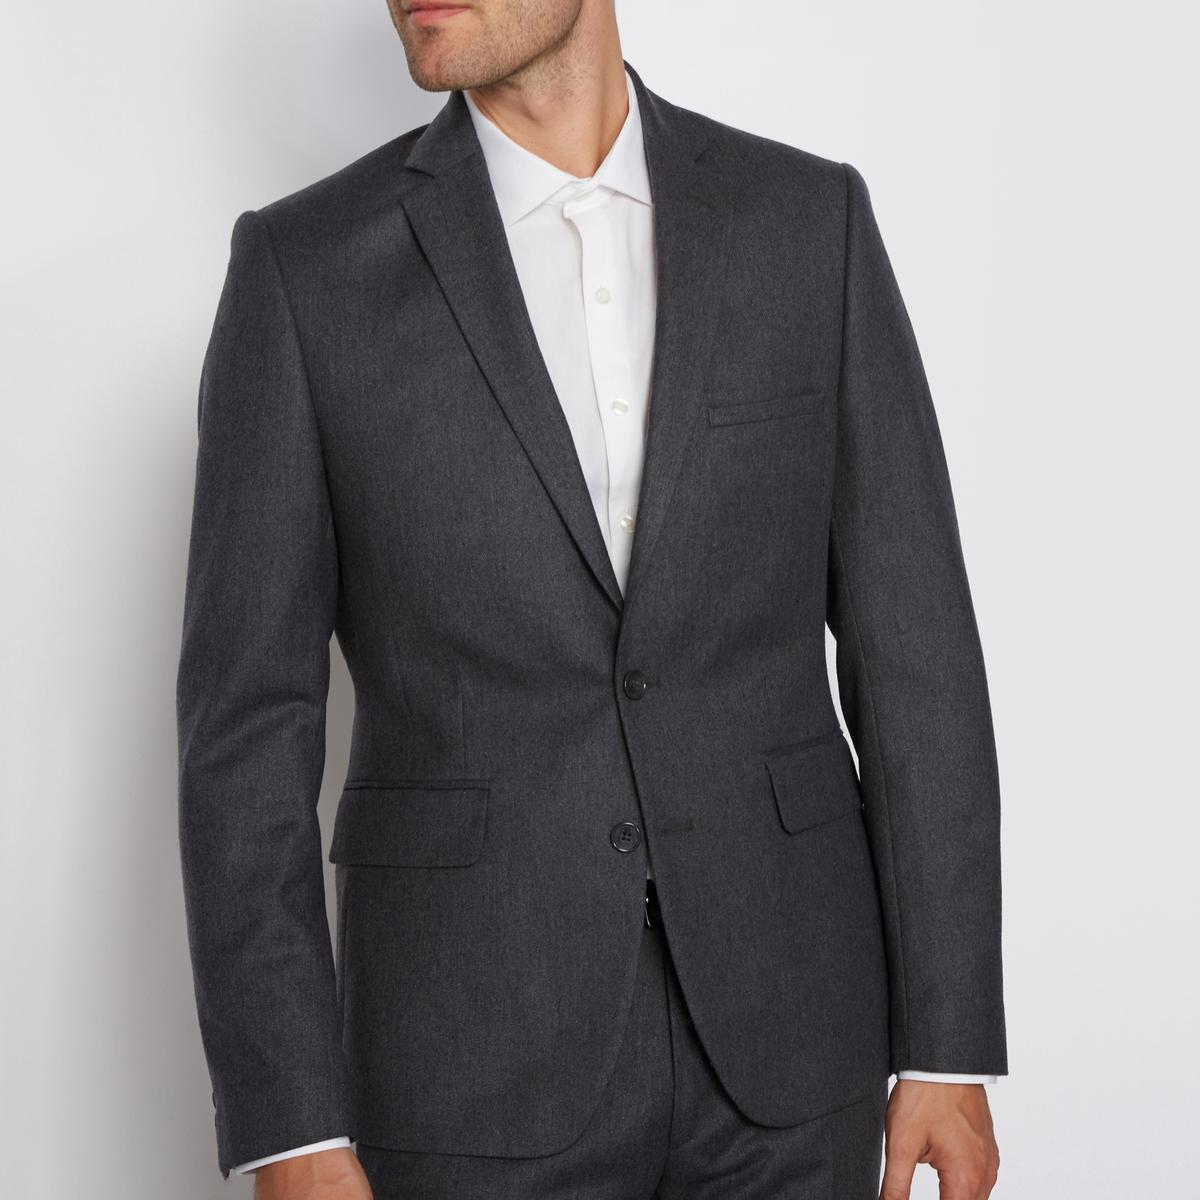 Пиджак костюмный из фланелиПриталенный покрой и костюмный воротник.        Застежка на две пуговицы. Карманы с клапаном по бокам.        Закругленный низ, манжеты с застежкой на пуговицы.        Нагрудный карман. Спинка с двумя шлицами.     Состав и описание :         Материал : 60% шерсти, 40% полиэстера         Подкладка : 100% полиэстер                   Уход :            Обратите внимание на рекомендации по уходу на этикетке<br><br>Цвет: антрацит<br>Размер: 50.46.44.48